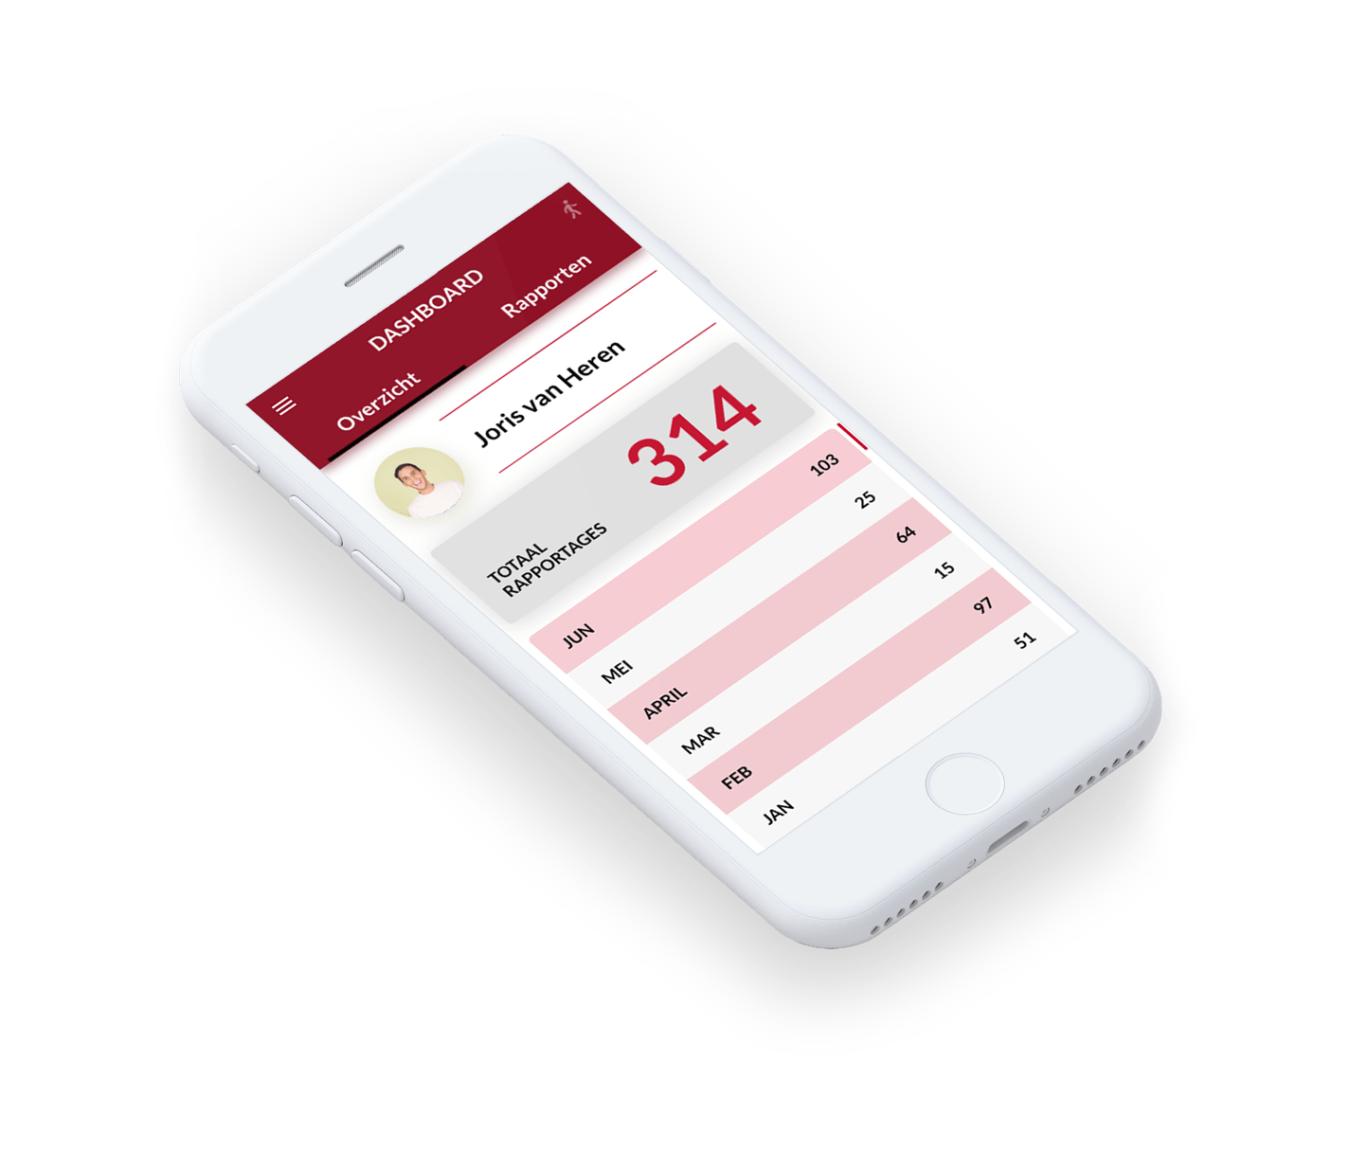 Des rapports numériques grâce à l'application MAAT